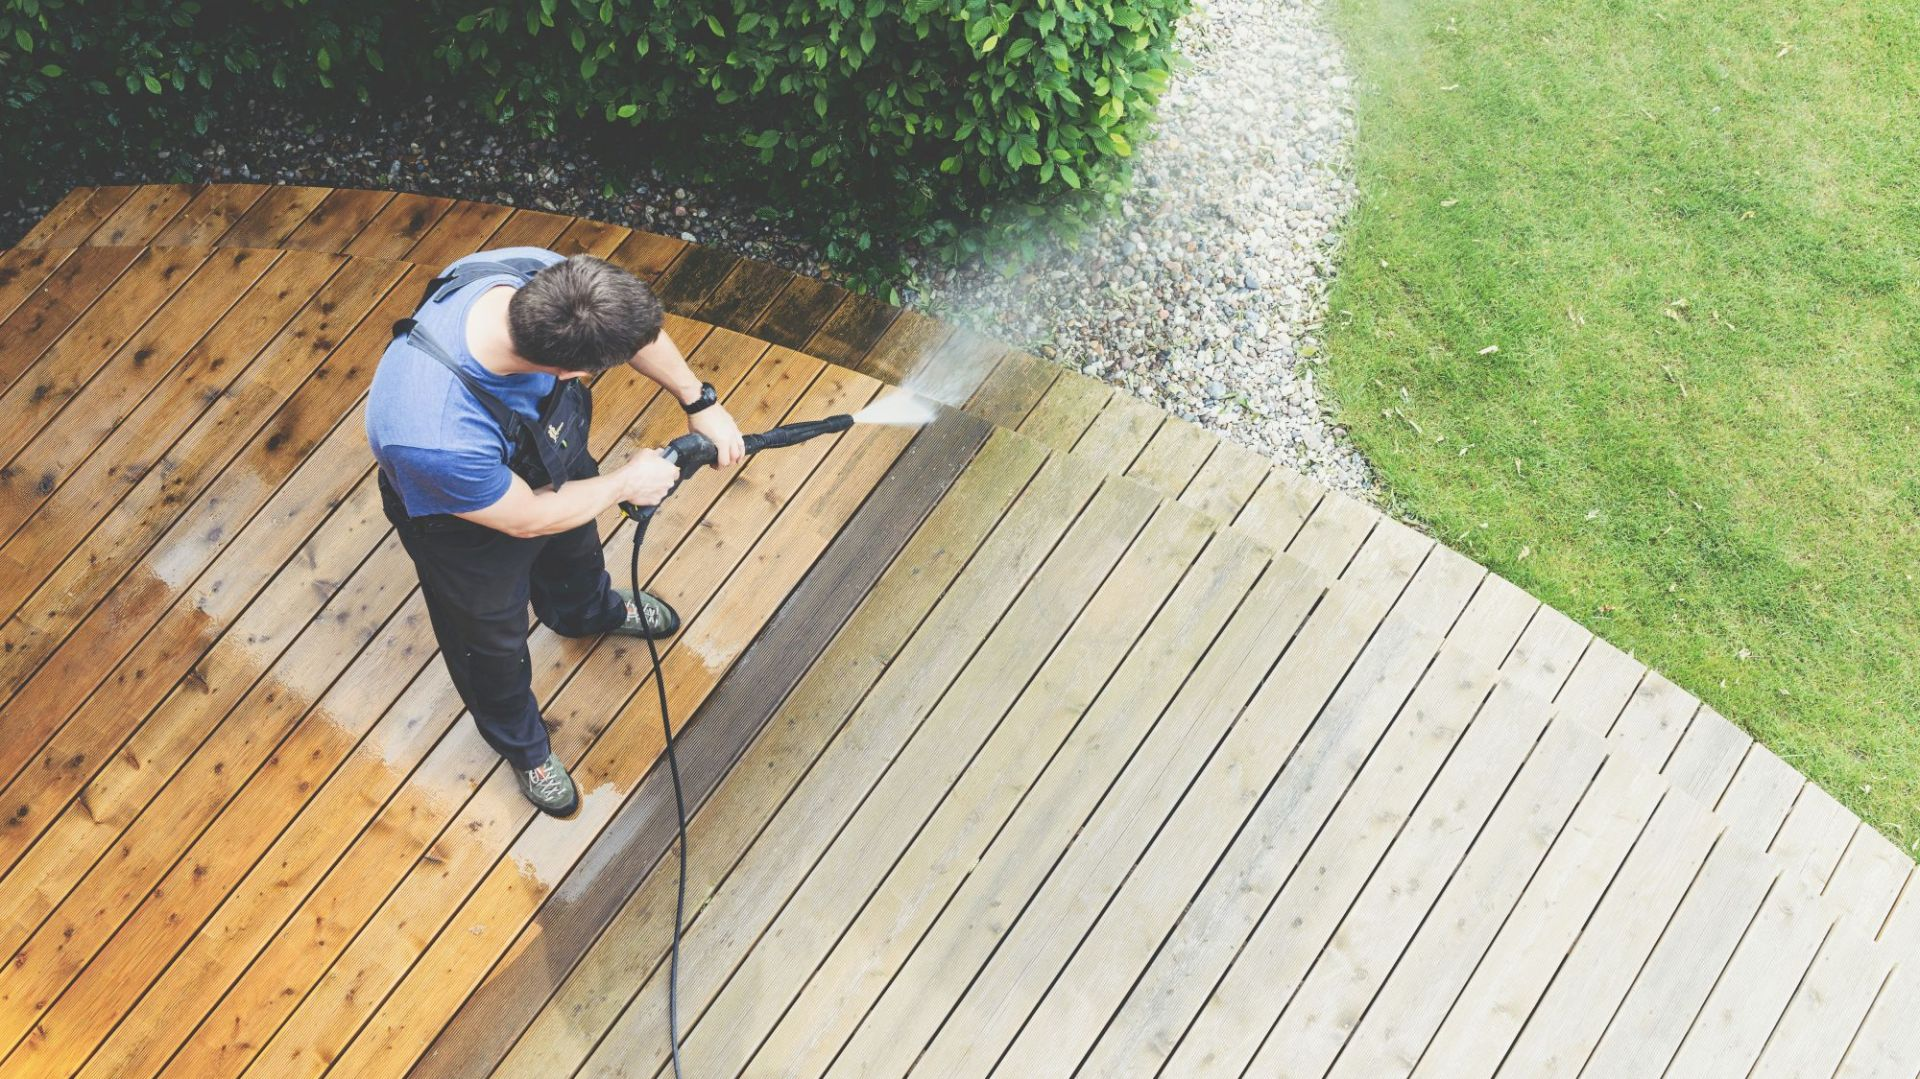 Porządki w ogrodzie - czyszczenie i konserwacja tarasu. Fot. Krysiak